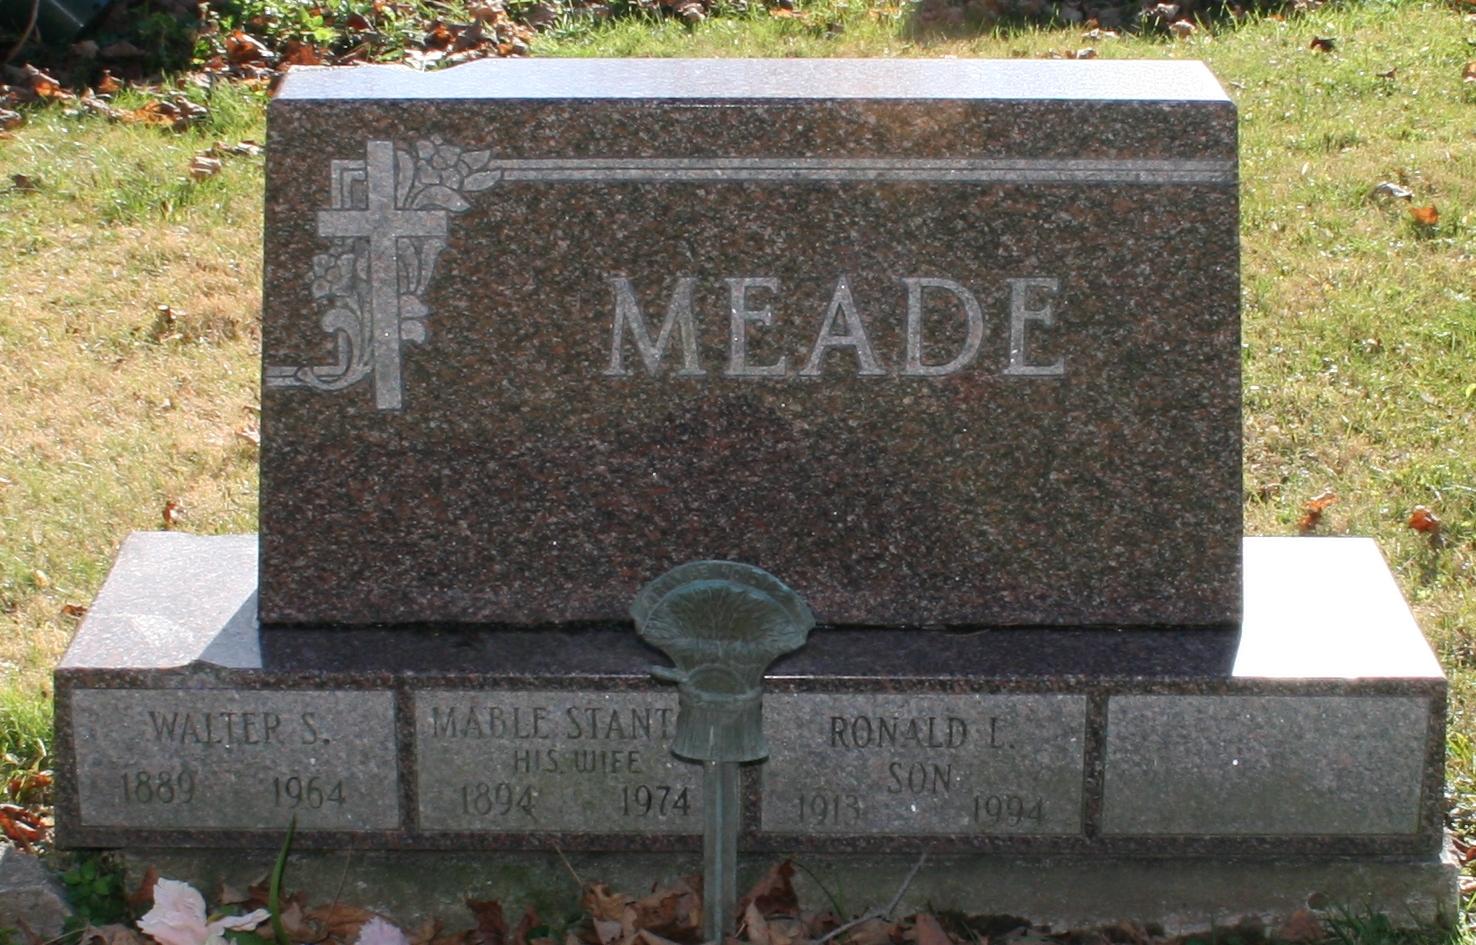 Ronald L Meade